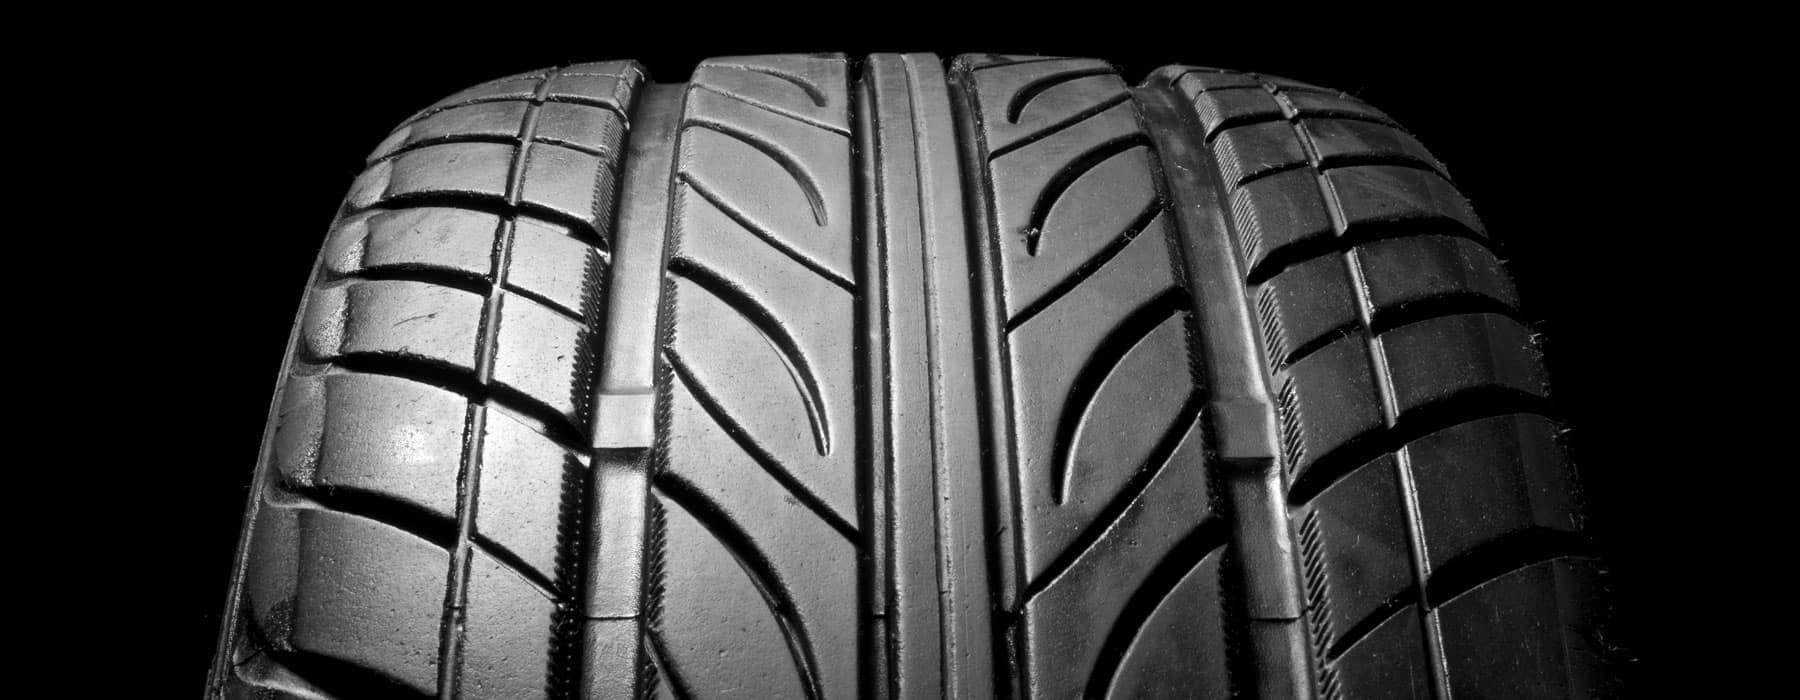 Car-Tire_4330584